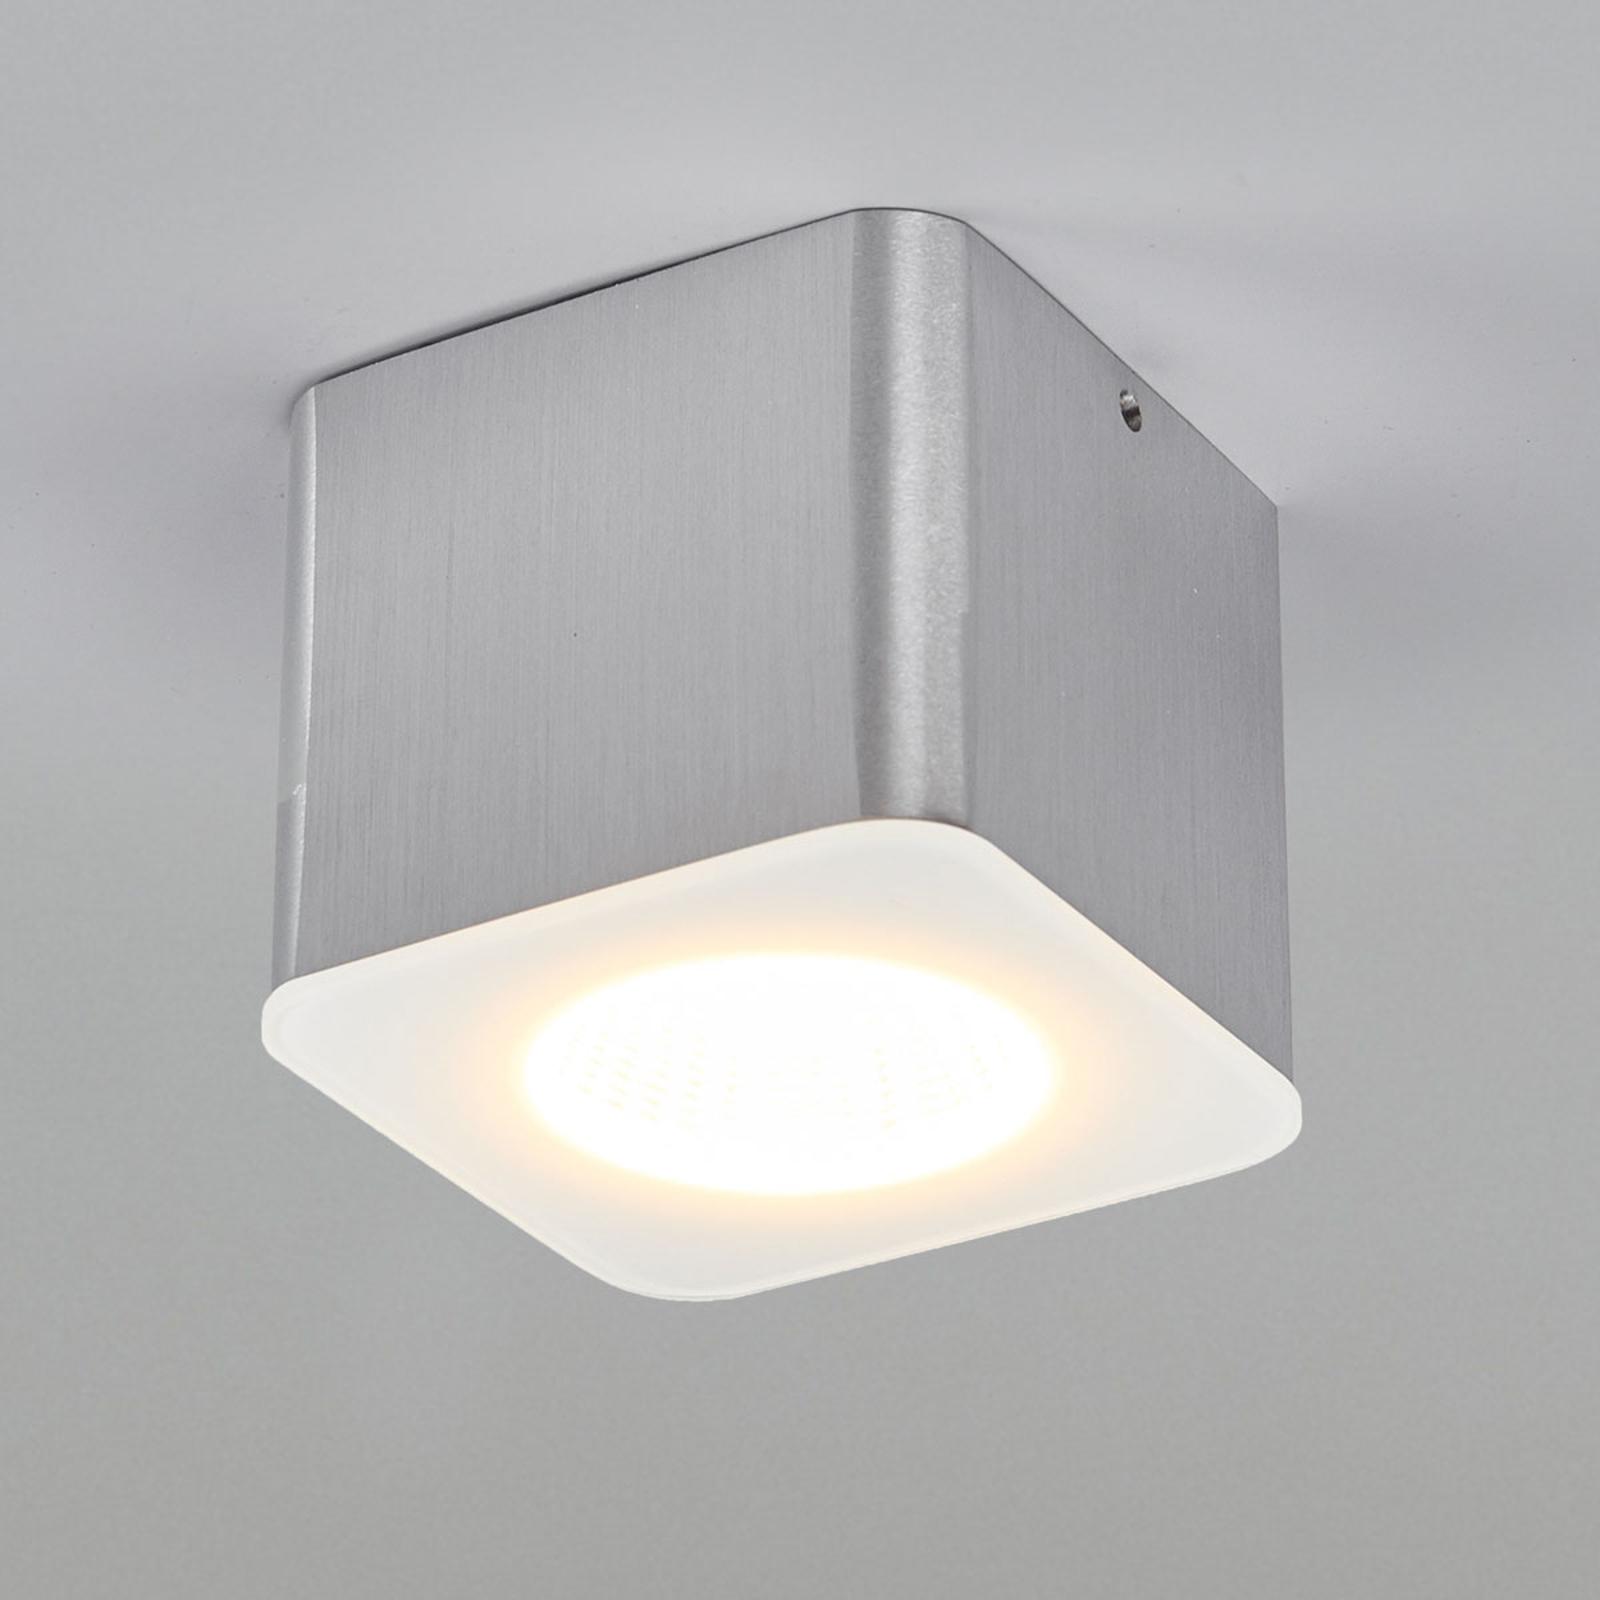 Helestra Oso LED ceiling spot, angular, matt alu_4516445_1